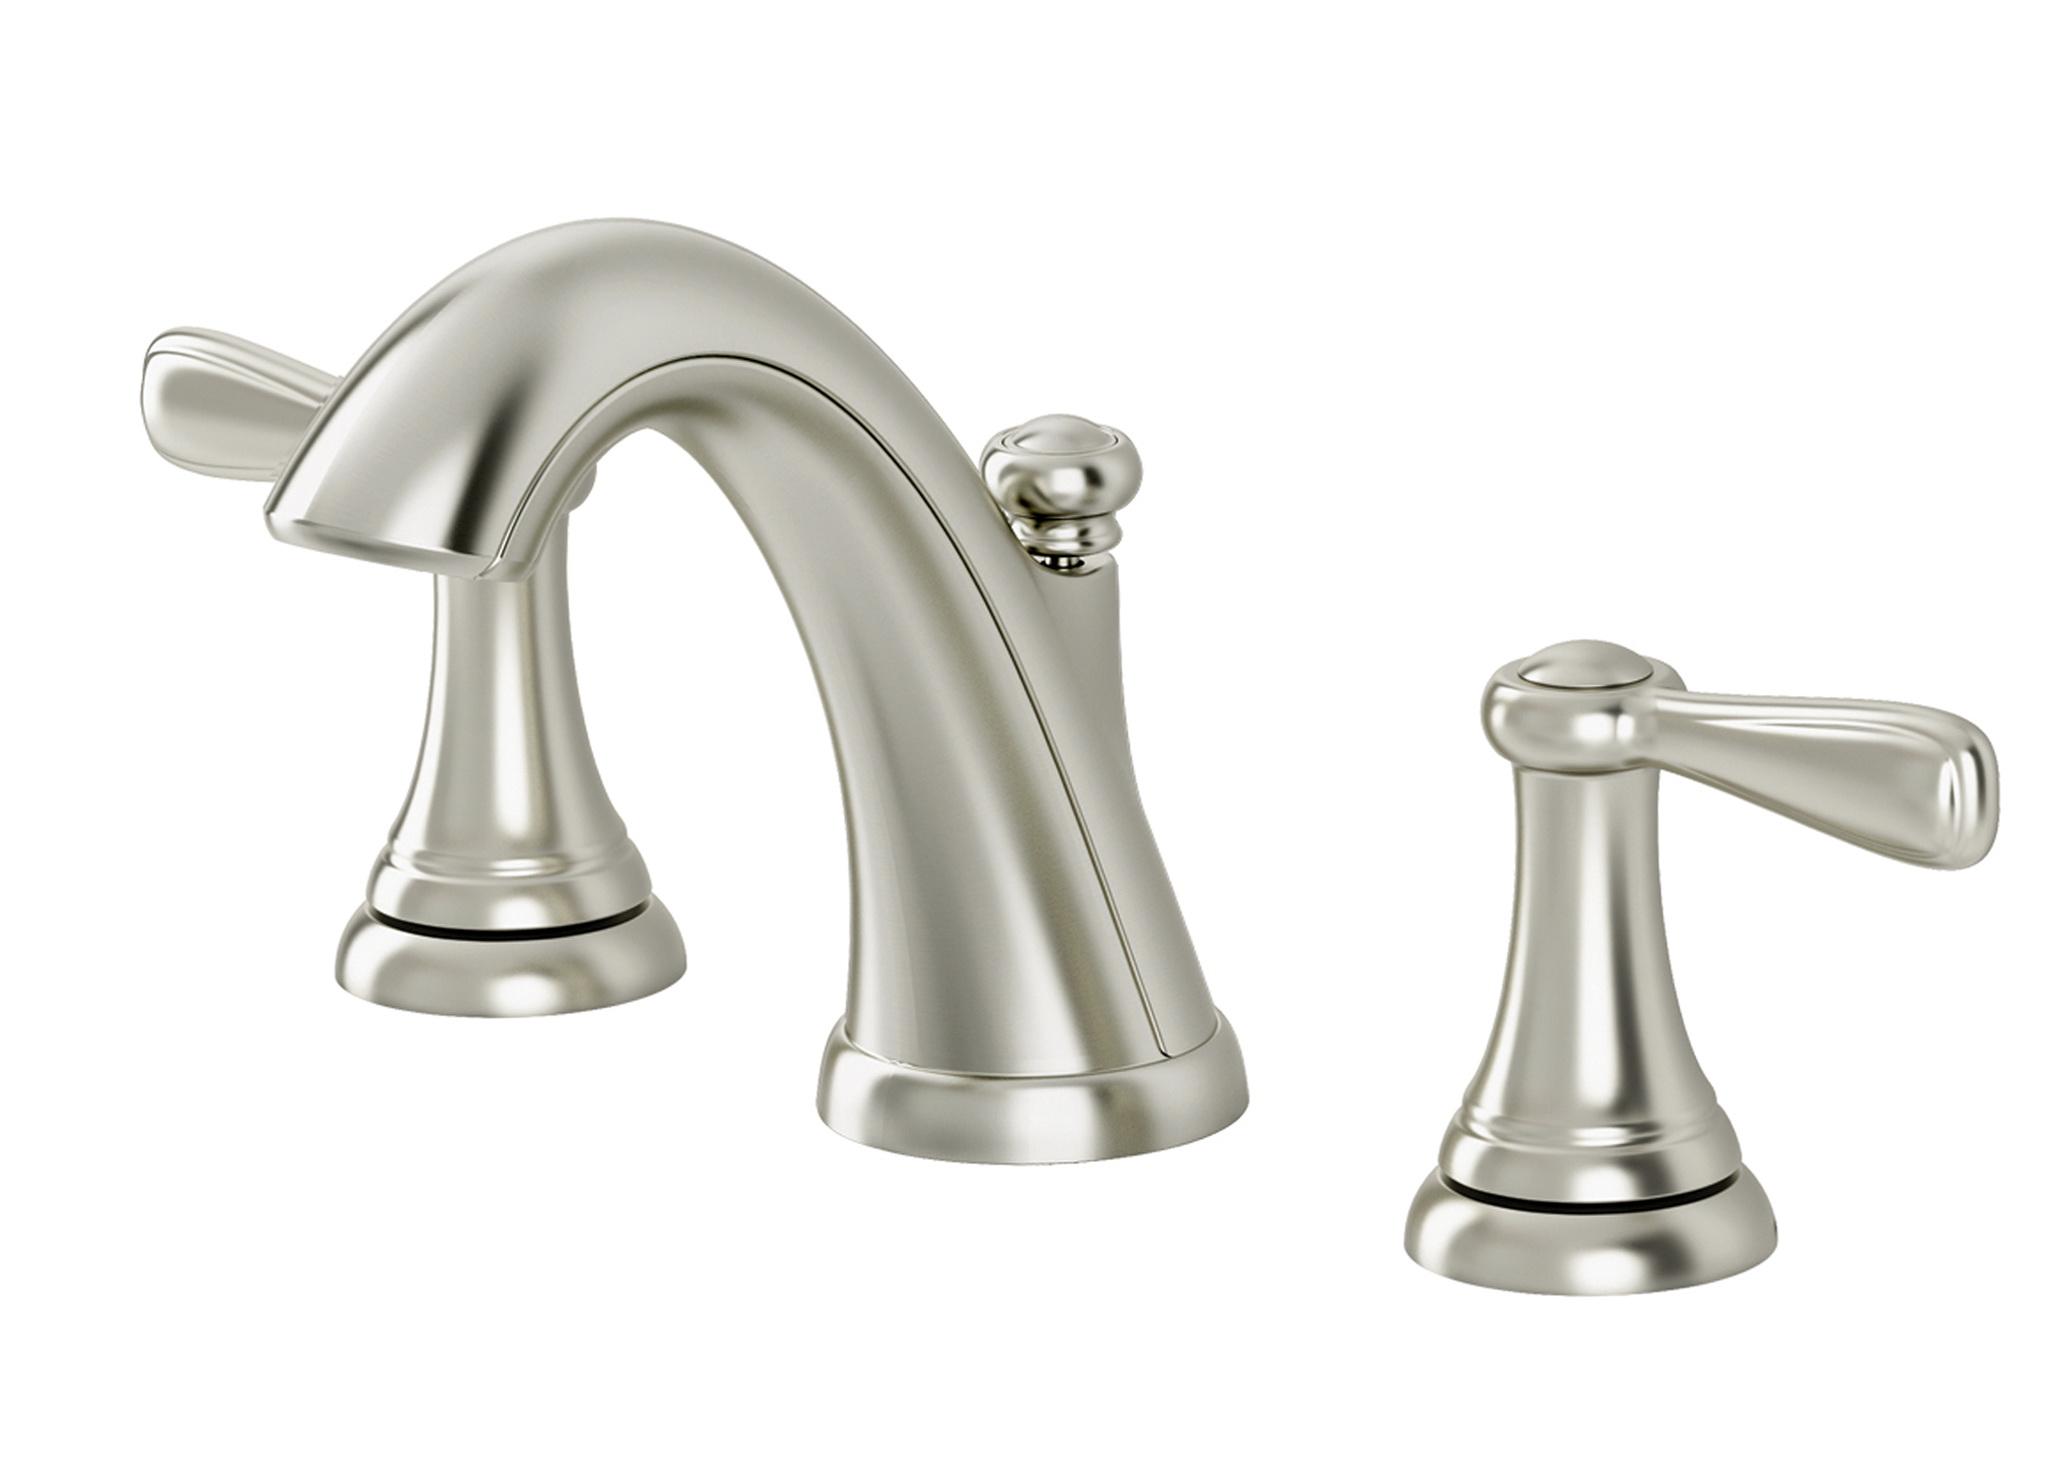 Home Depot Bathroom Faucets